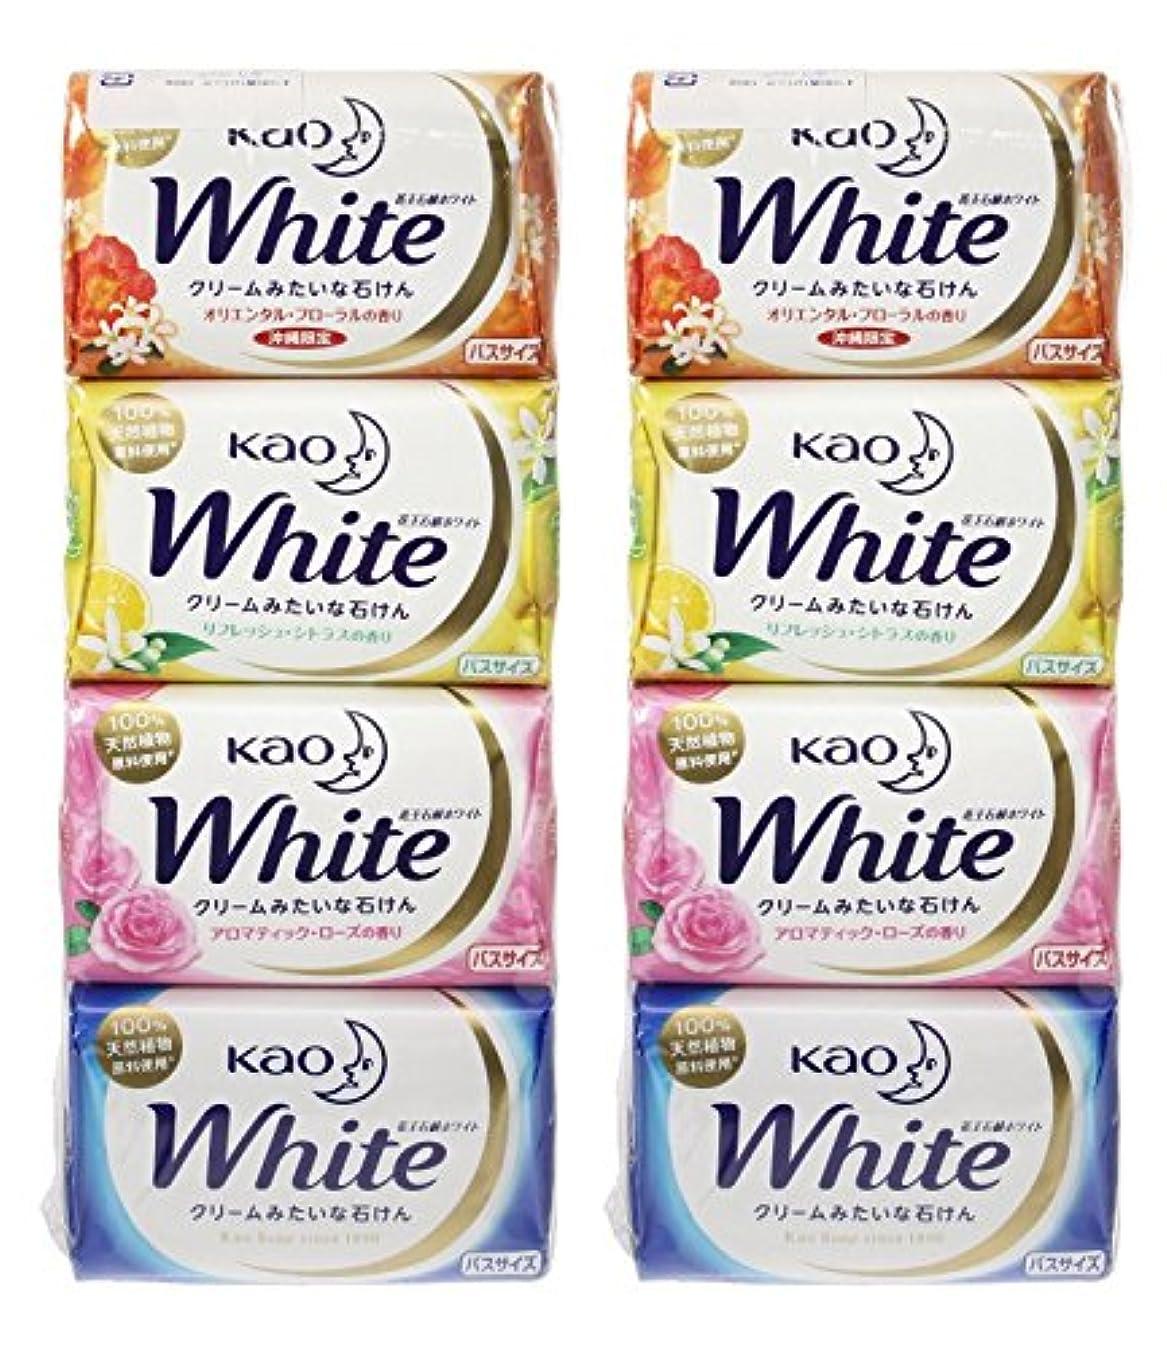 キャラクター最悪電気の花王ホワイト 香りアソートパック バス12個×2